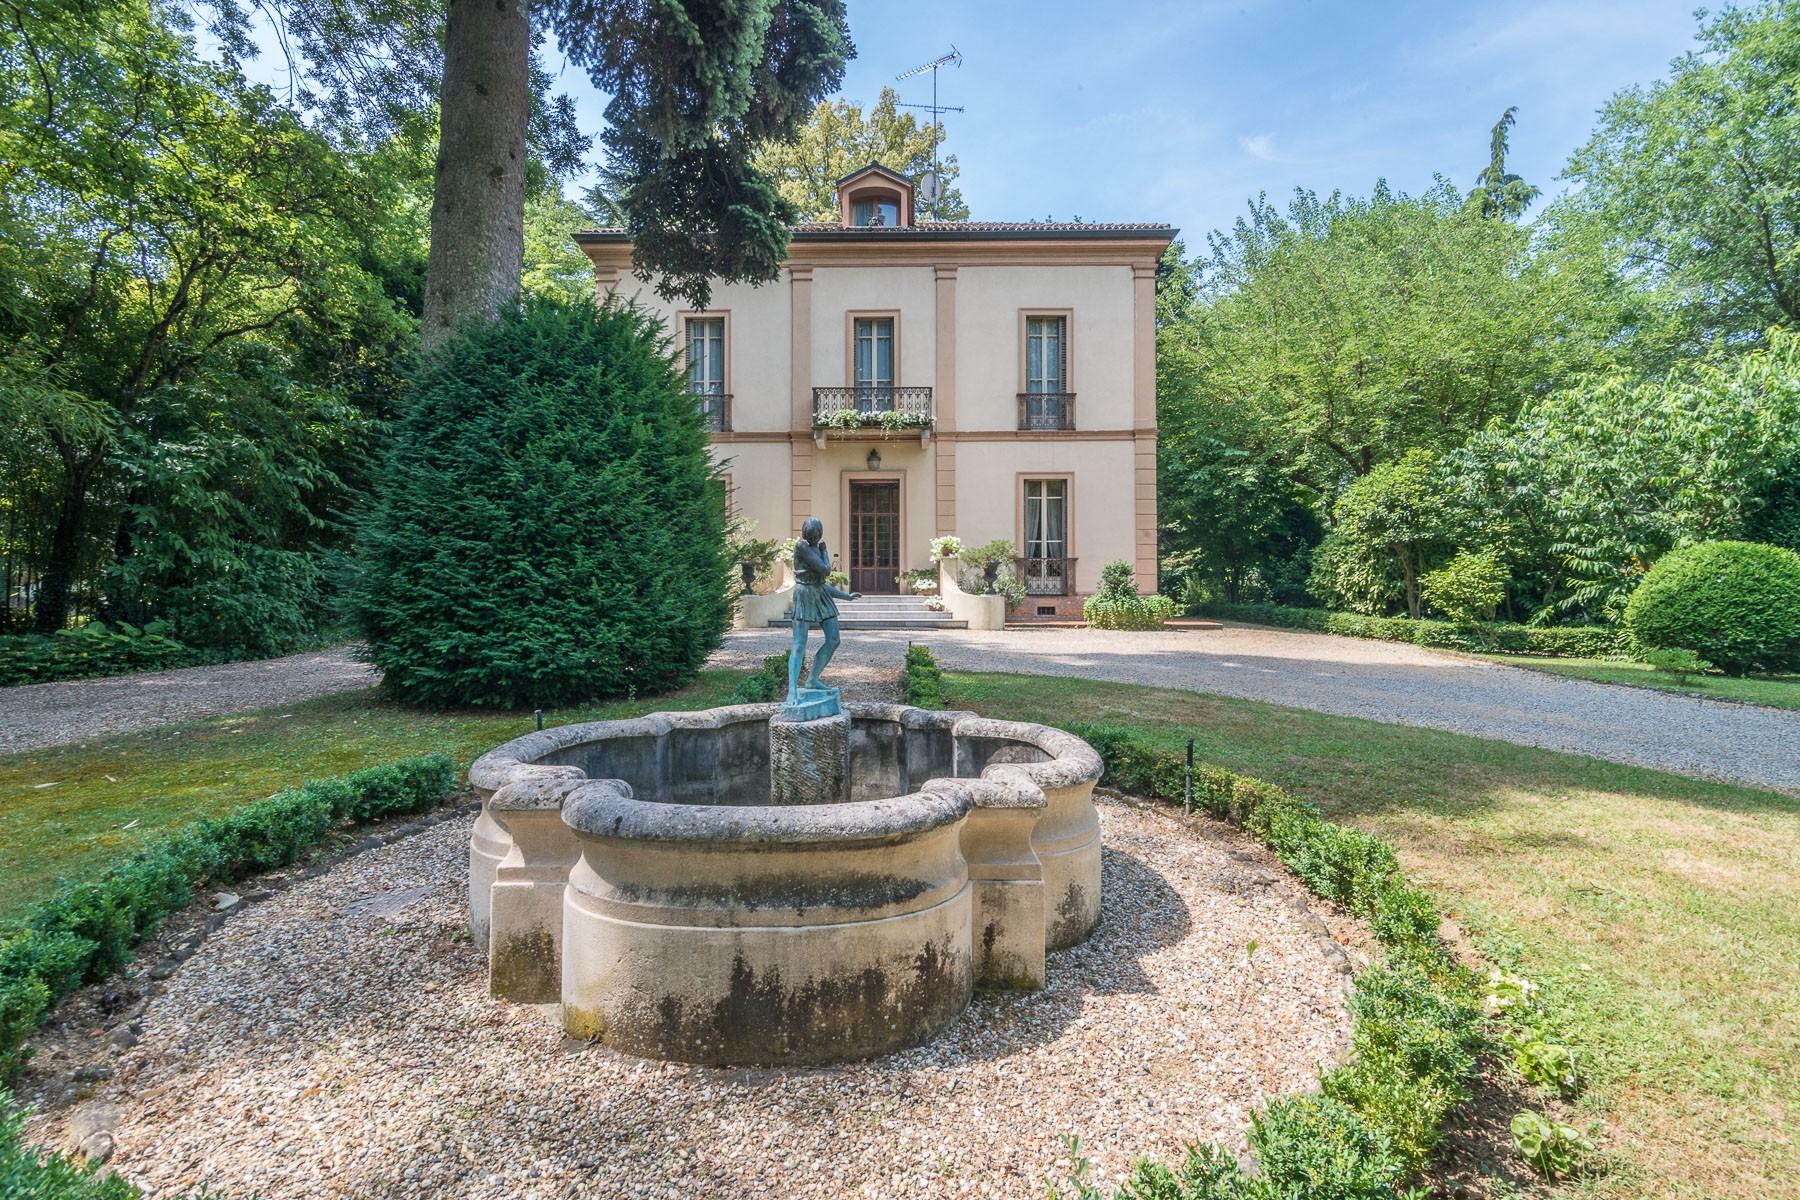 Villa in Vendita a Pavia: 5 locali, 390 mq - Foto 3